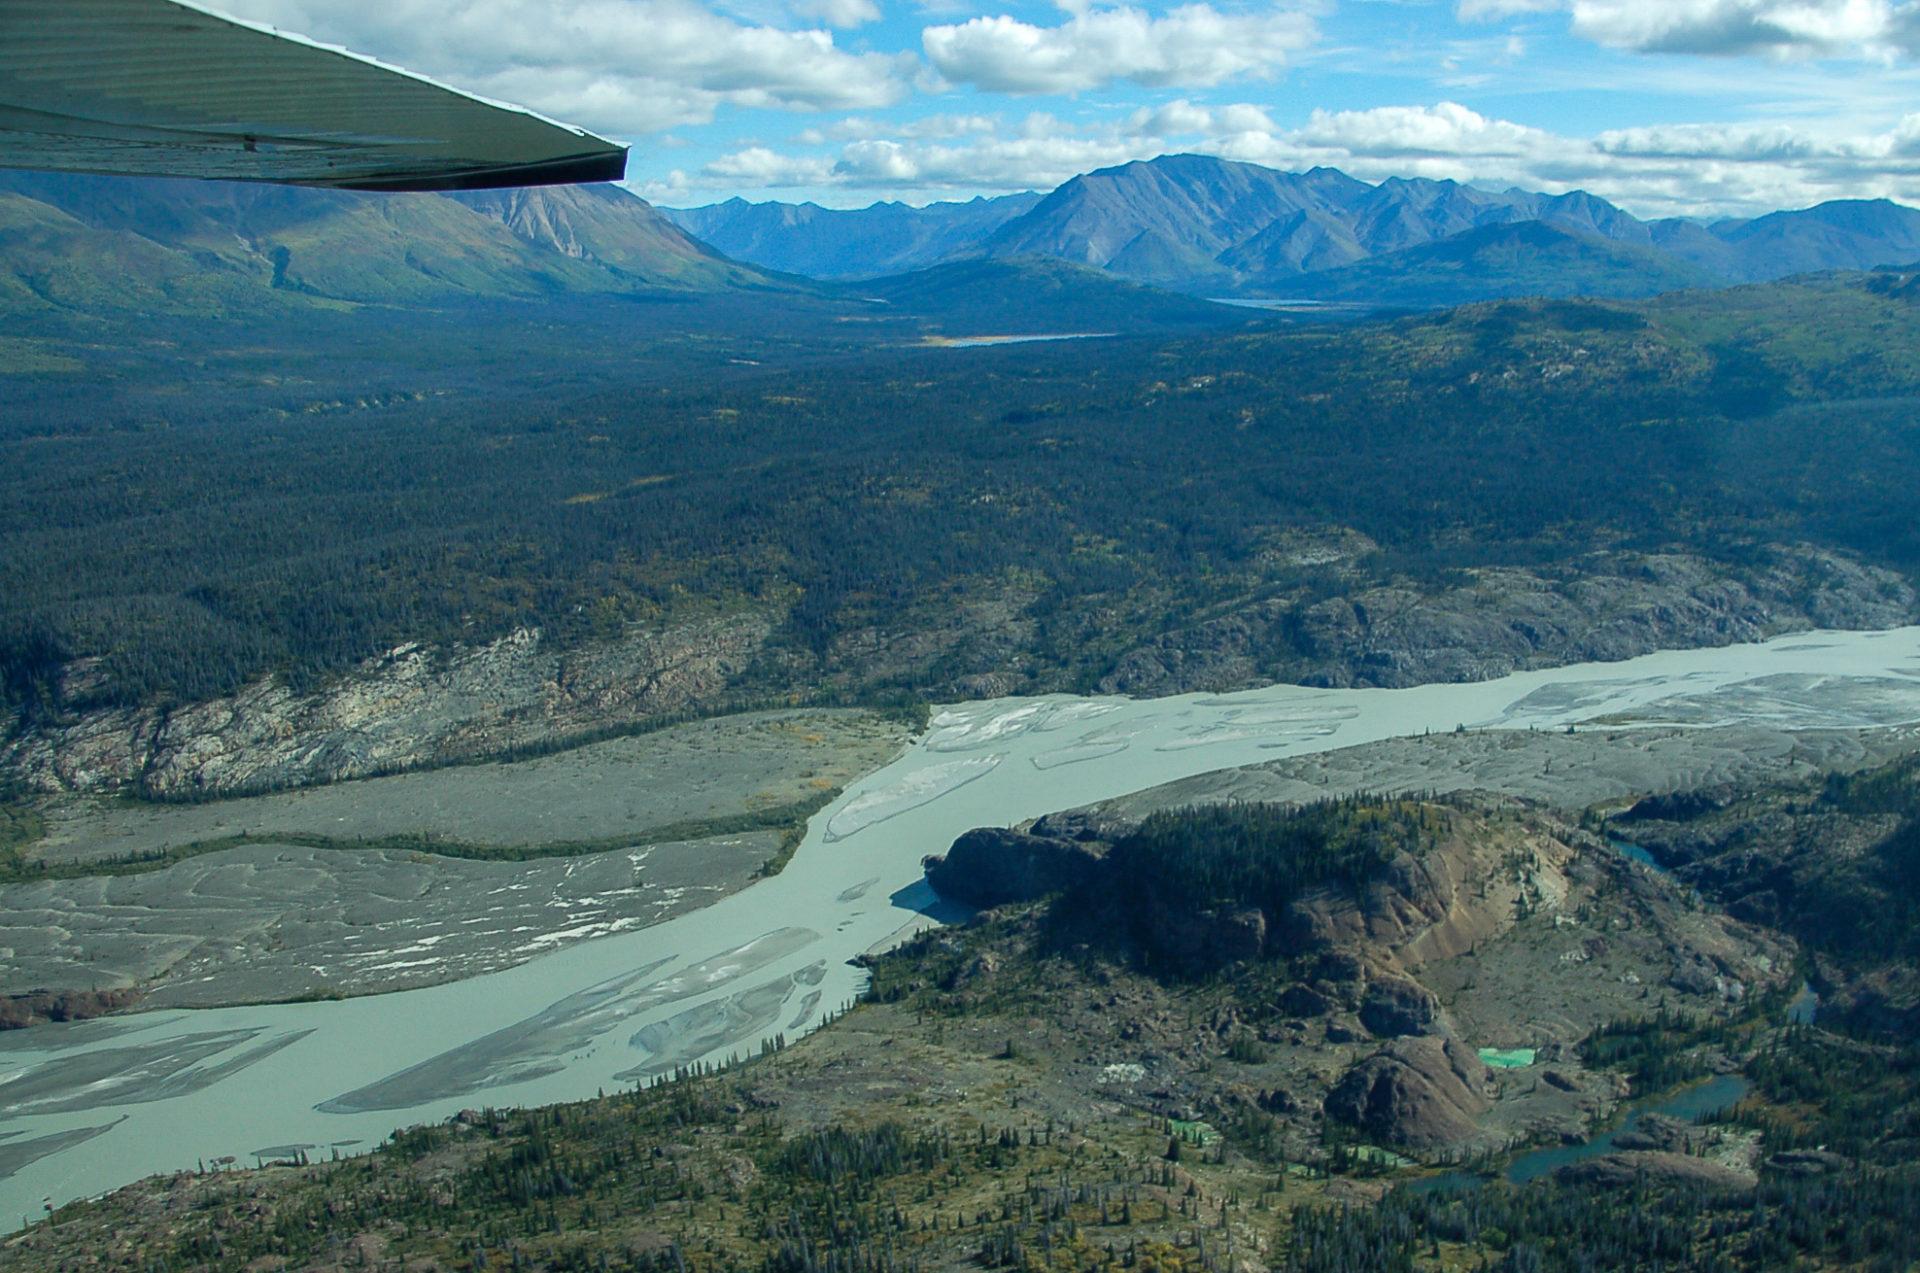 Gletscherfluss und Berge im Kluane National Park in Kanada